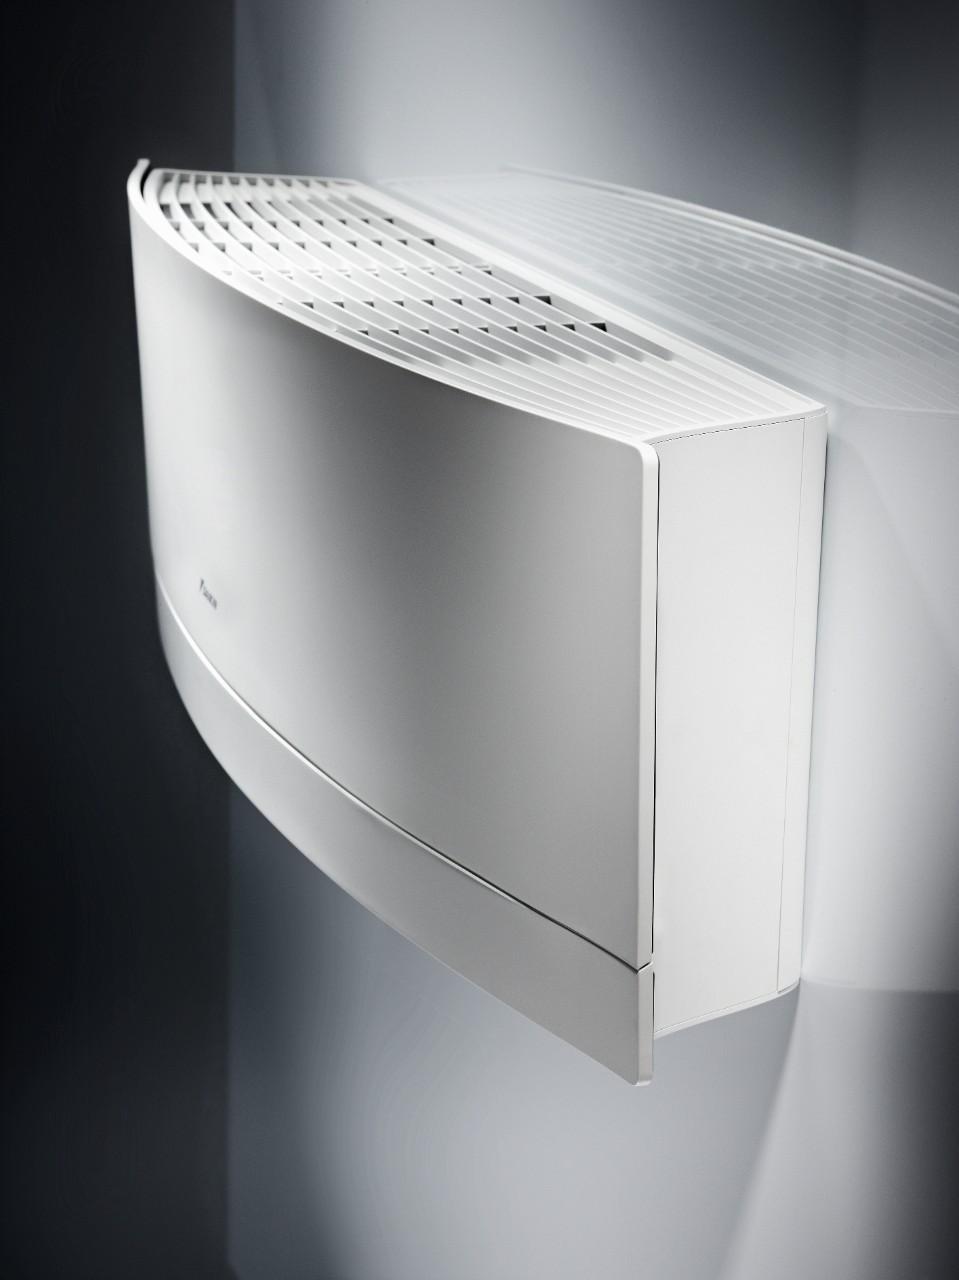 Climatiseur DAIKIN trisplit réversible inverter 3MXM52M